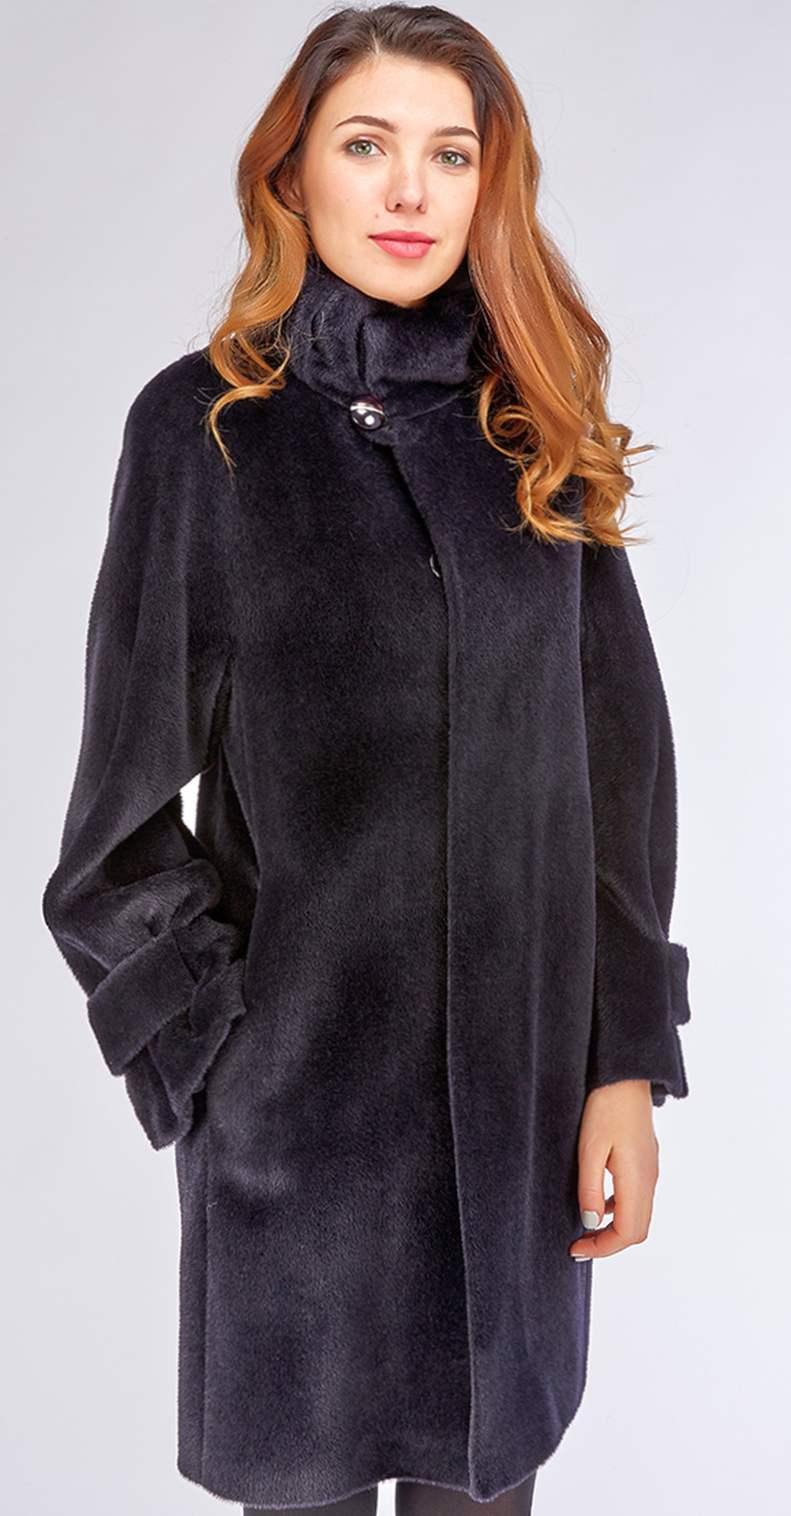 Темно-синее женское пальто из альпака модного фасона оверсайз